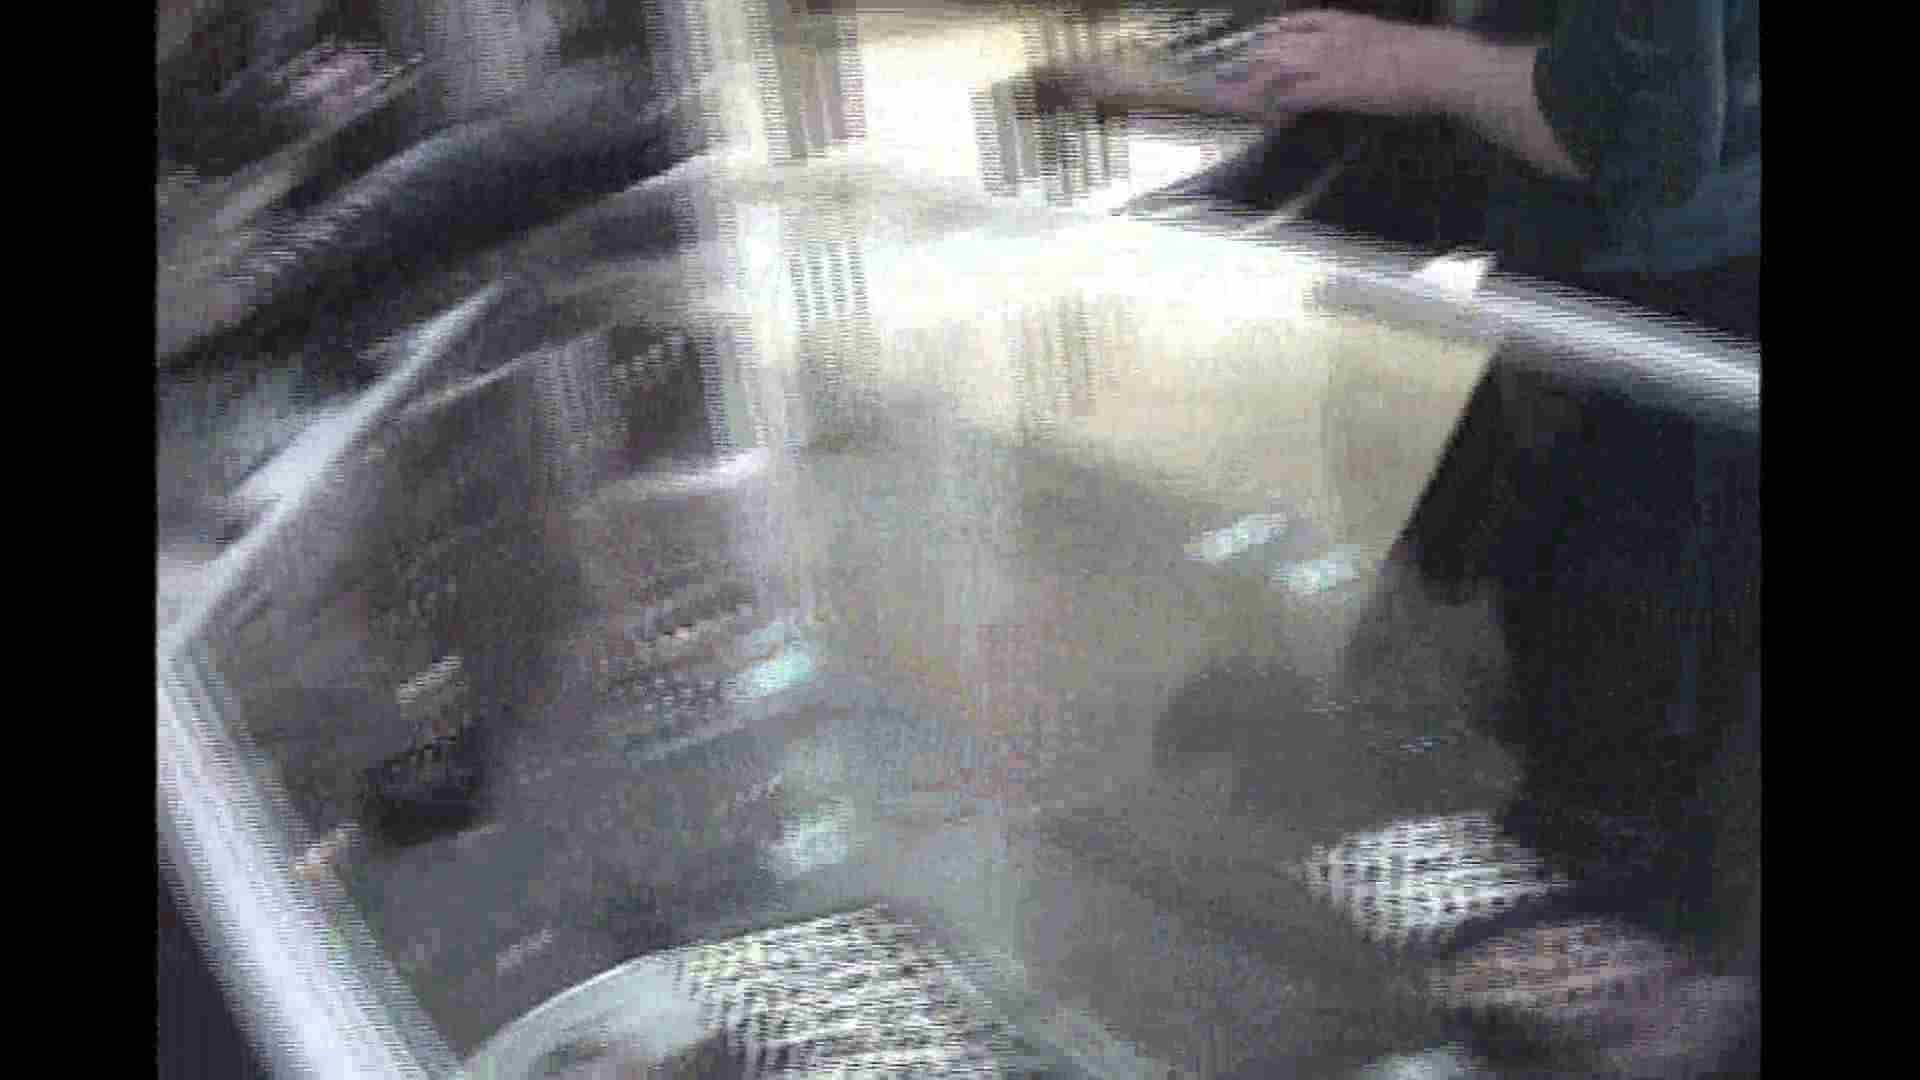 働く美女の谷間参拝 Vol.02 美しいOLの裸体 ワレメ無修正動画無料 98pic 2